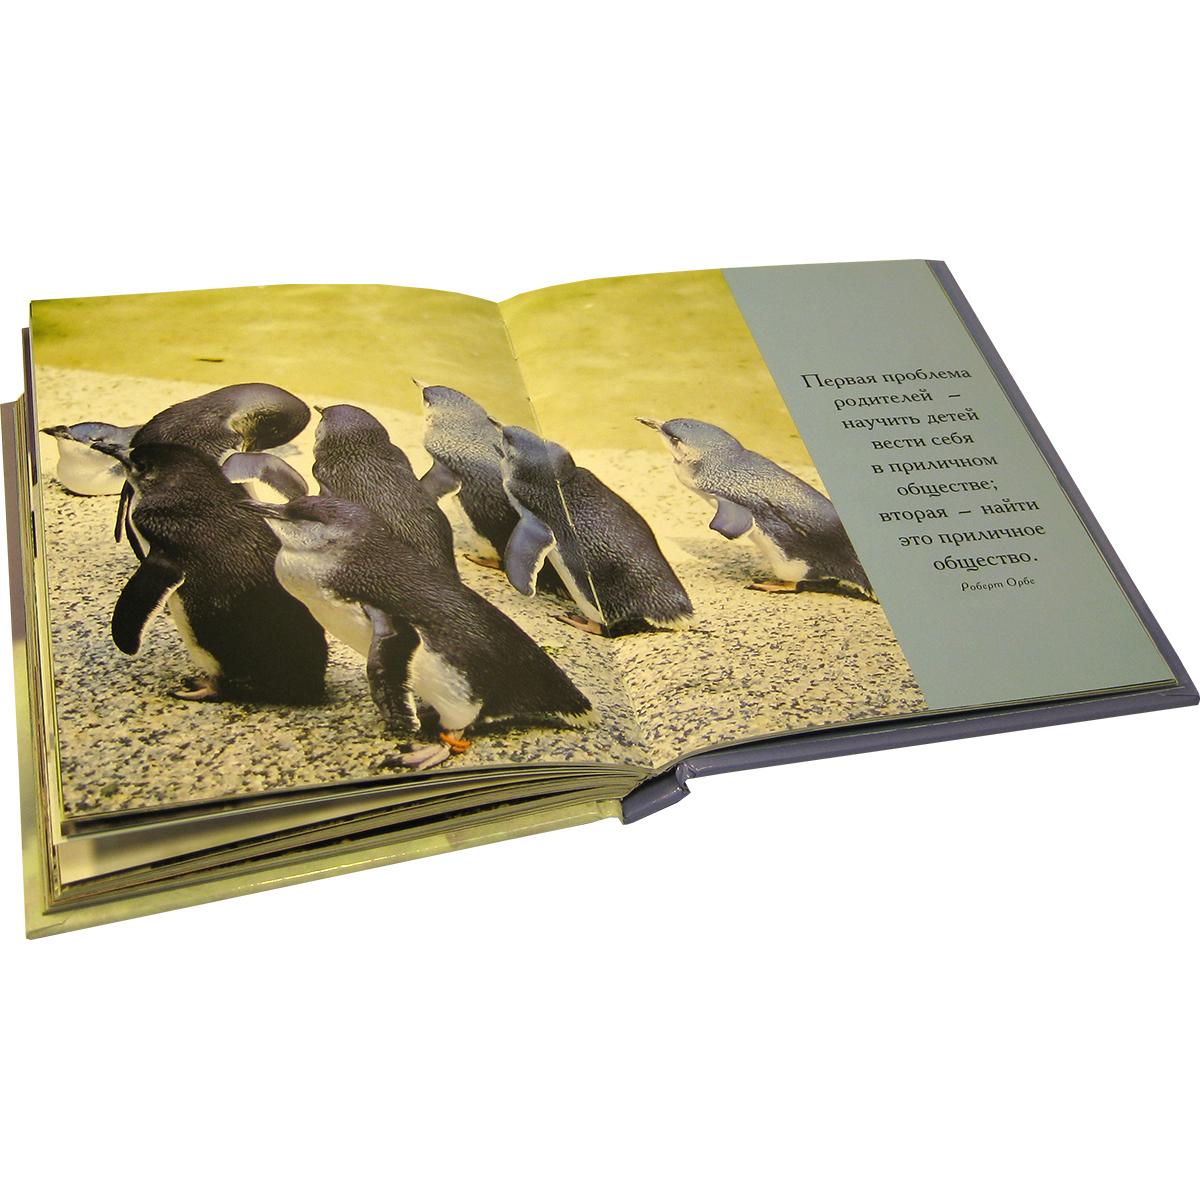 Глупый пингвин робко прячет, умный - смело достает!